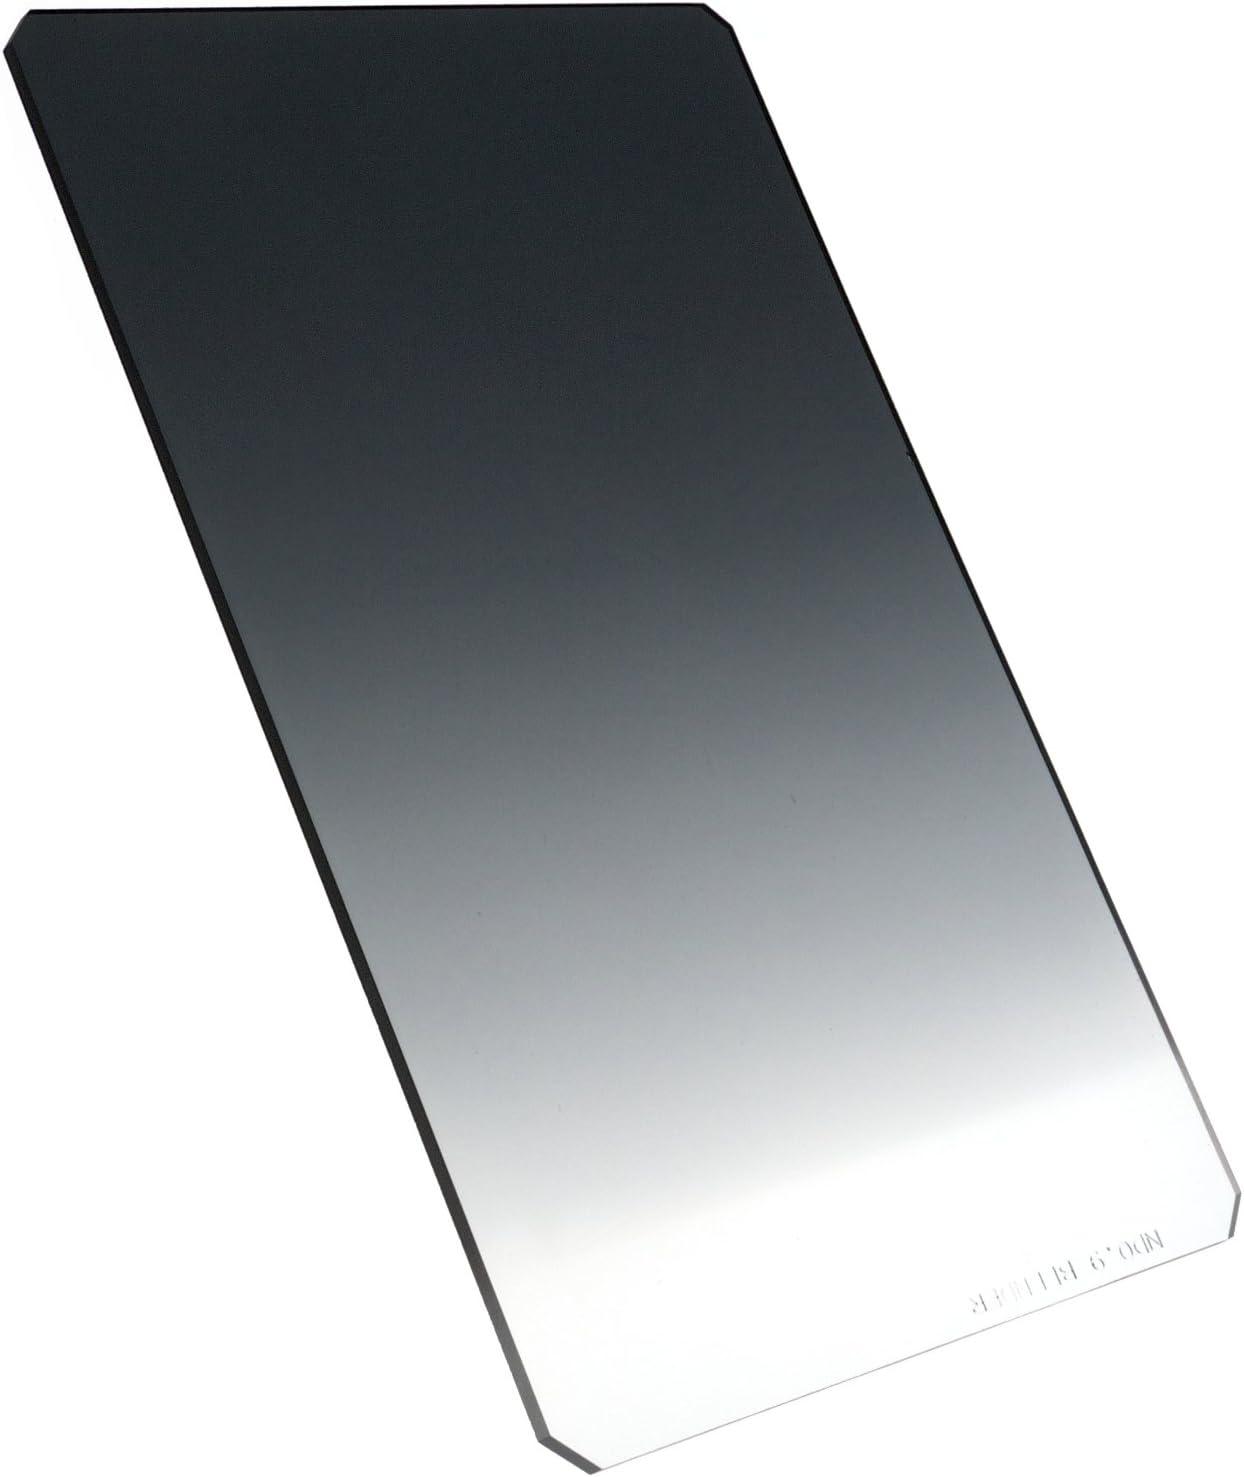 1 Stop 100x150mm Resin Neutral Density Blender 0.3